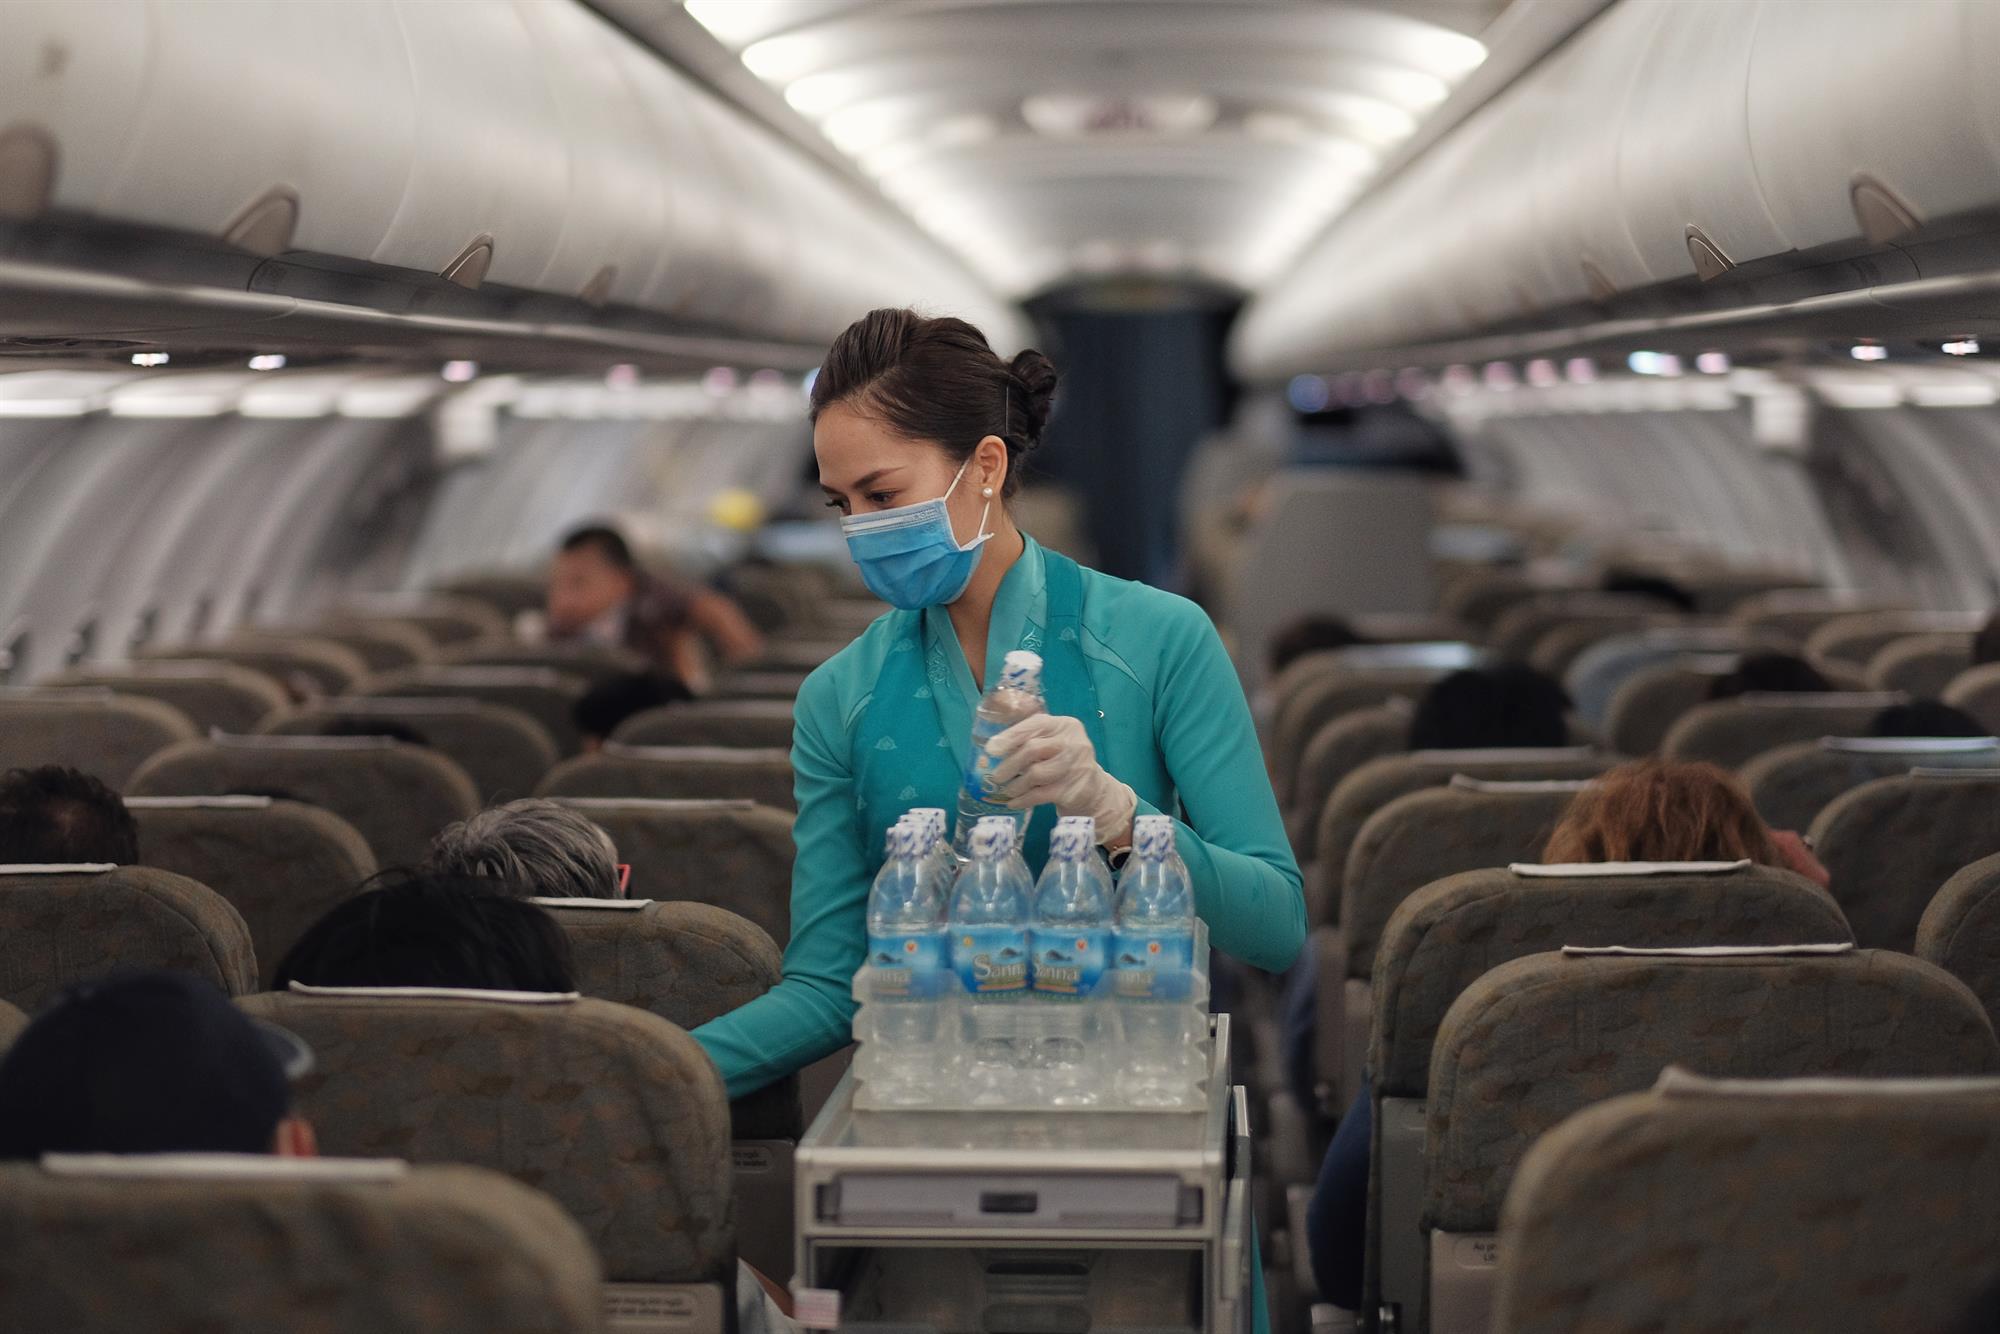 19 đường bay với Trung Quốc bị dừng, Vietnam Airlines tăng chuyến chặng Hà Nội - TP HCM và muốn cho thuê bớt tàu bay - Ảnh 3.